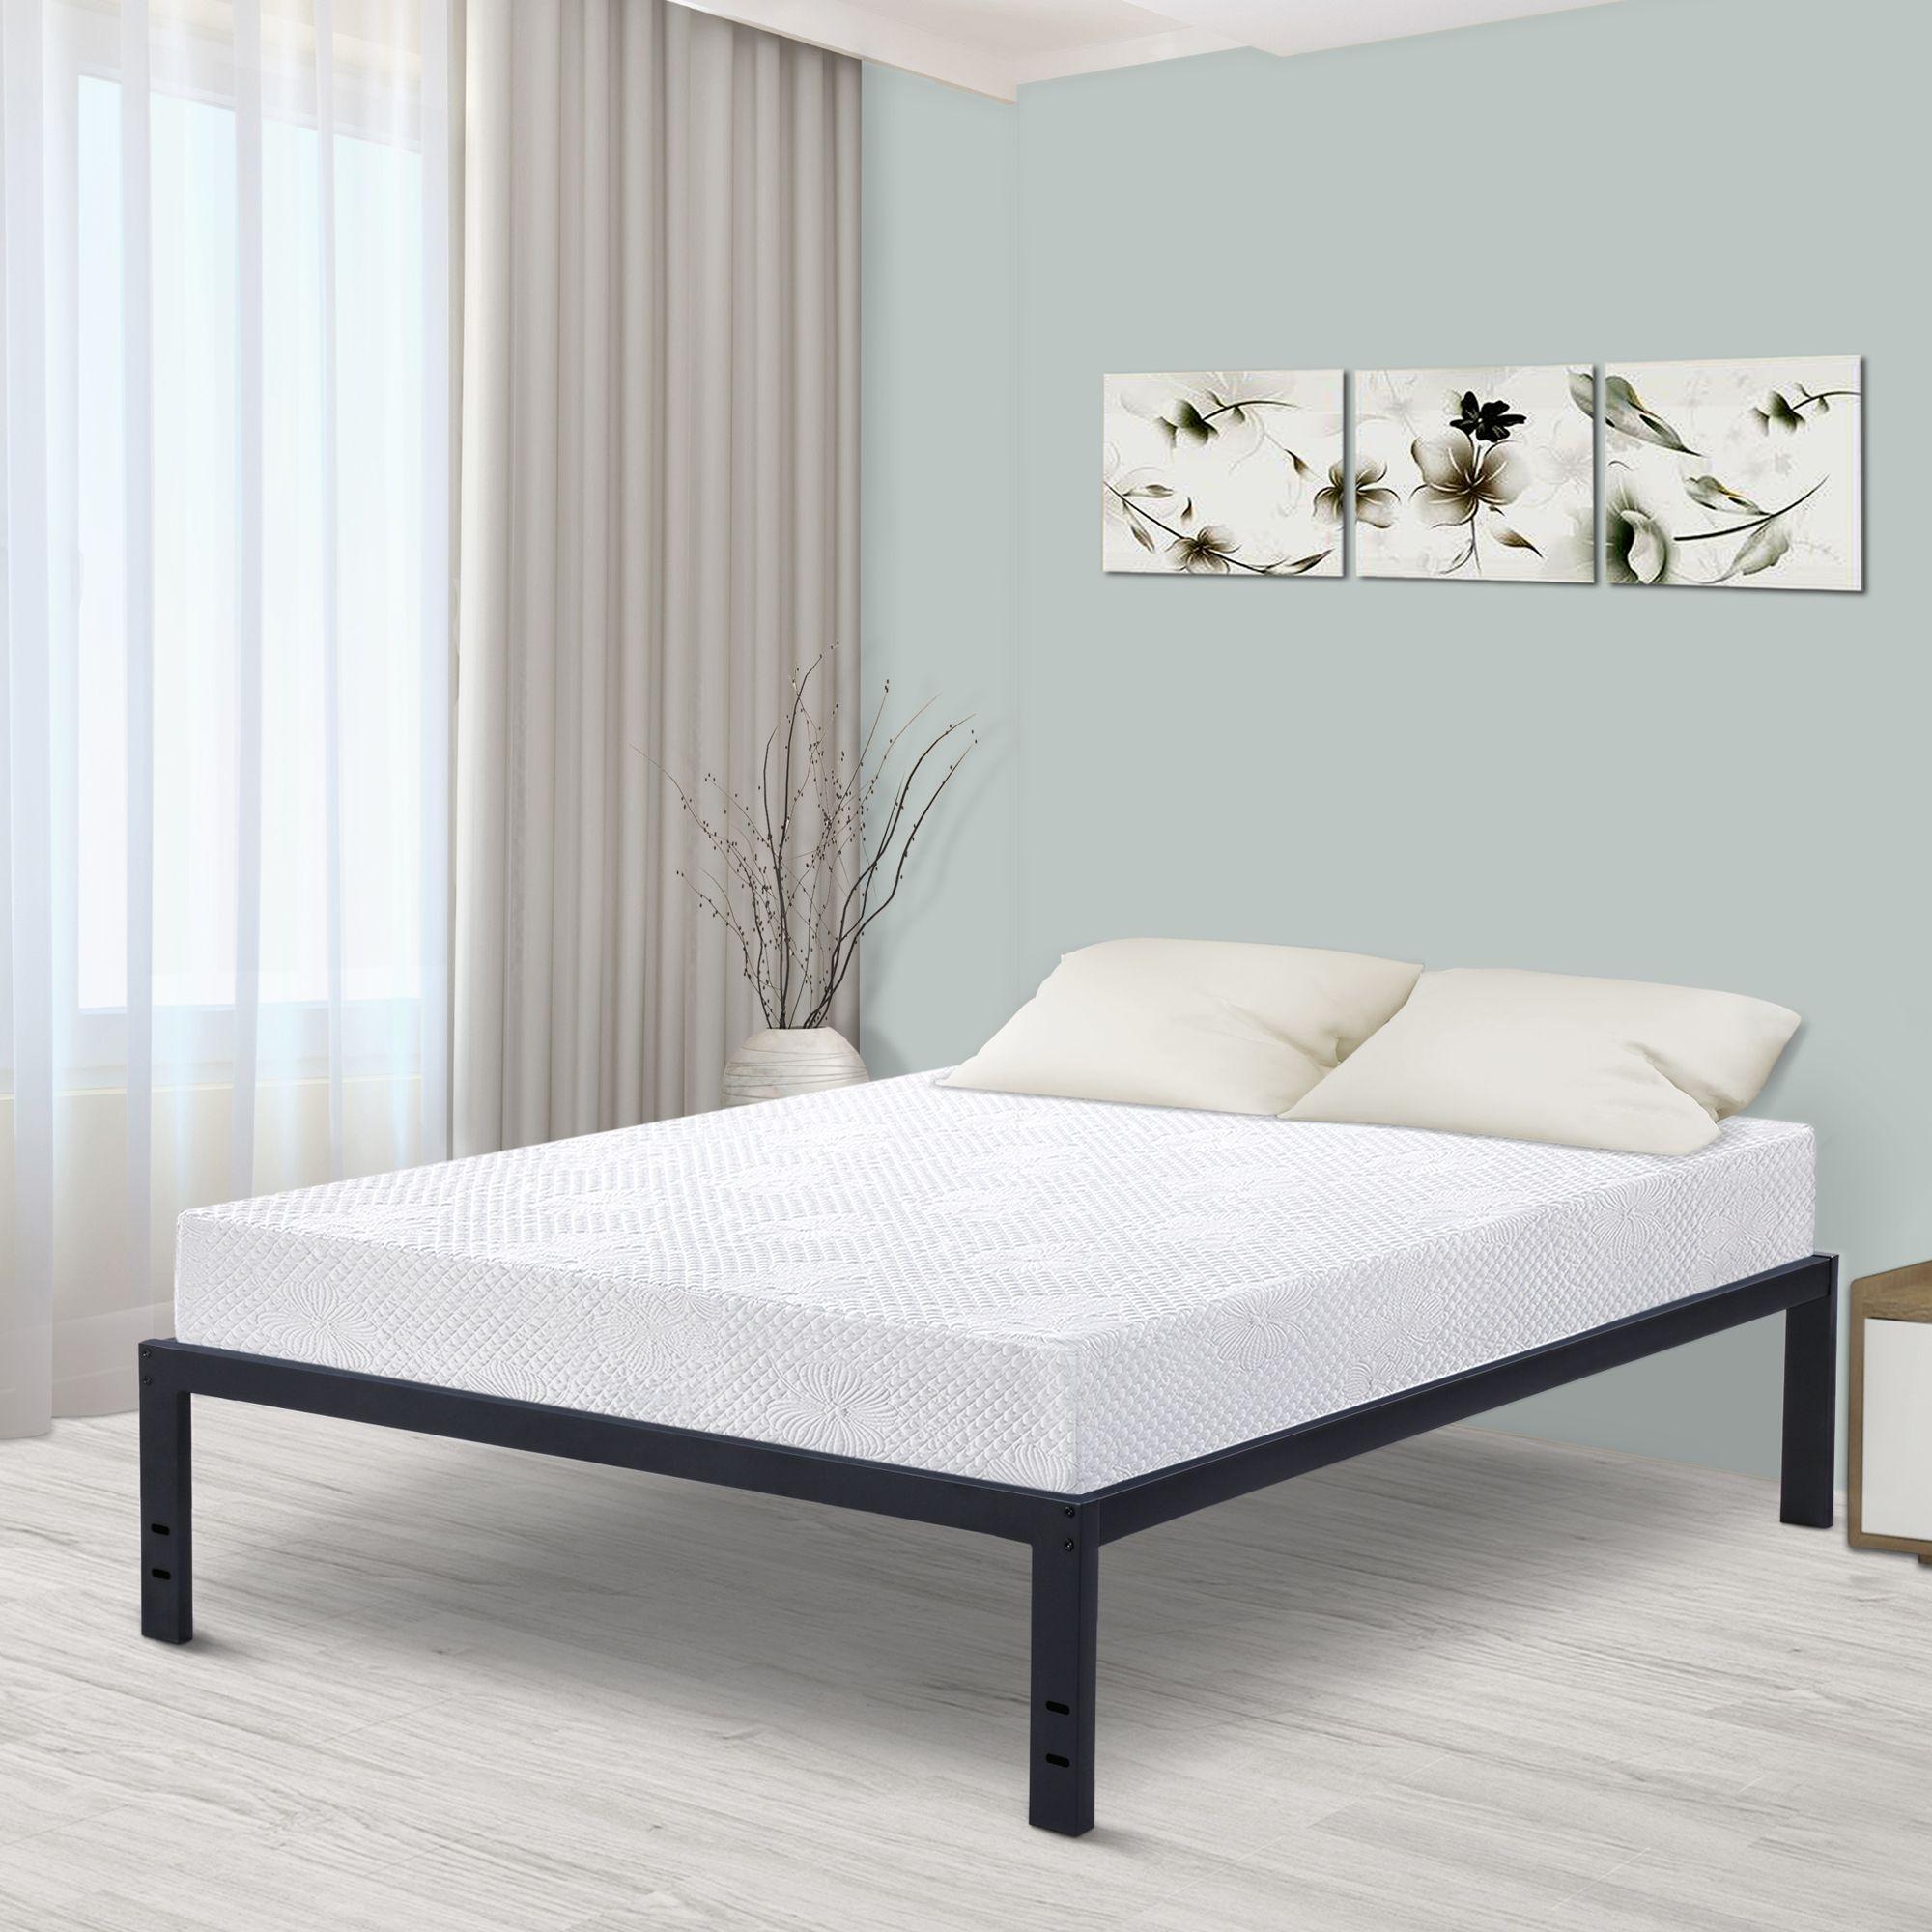 Home Bed Frame Bed Slats Platform Bed Frame